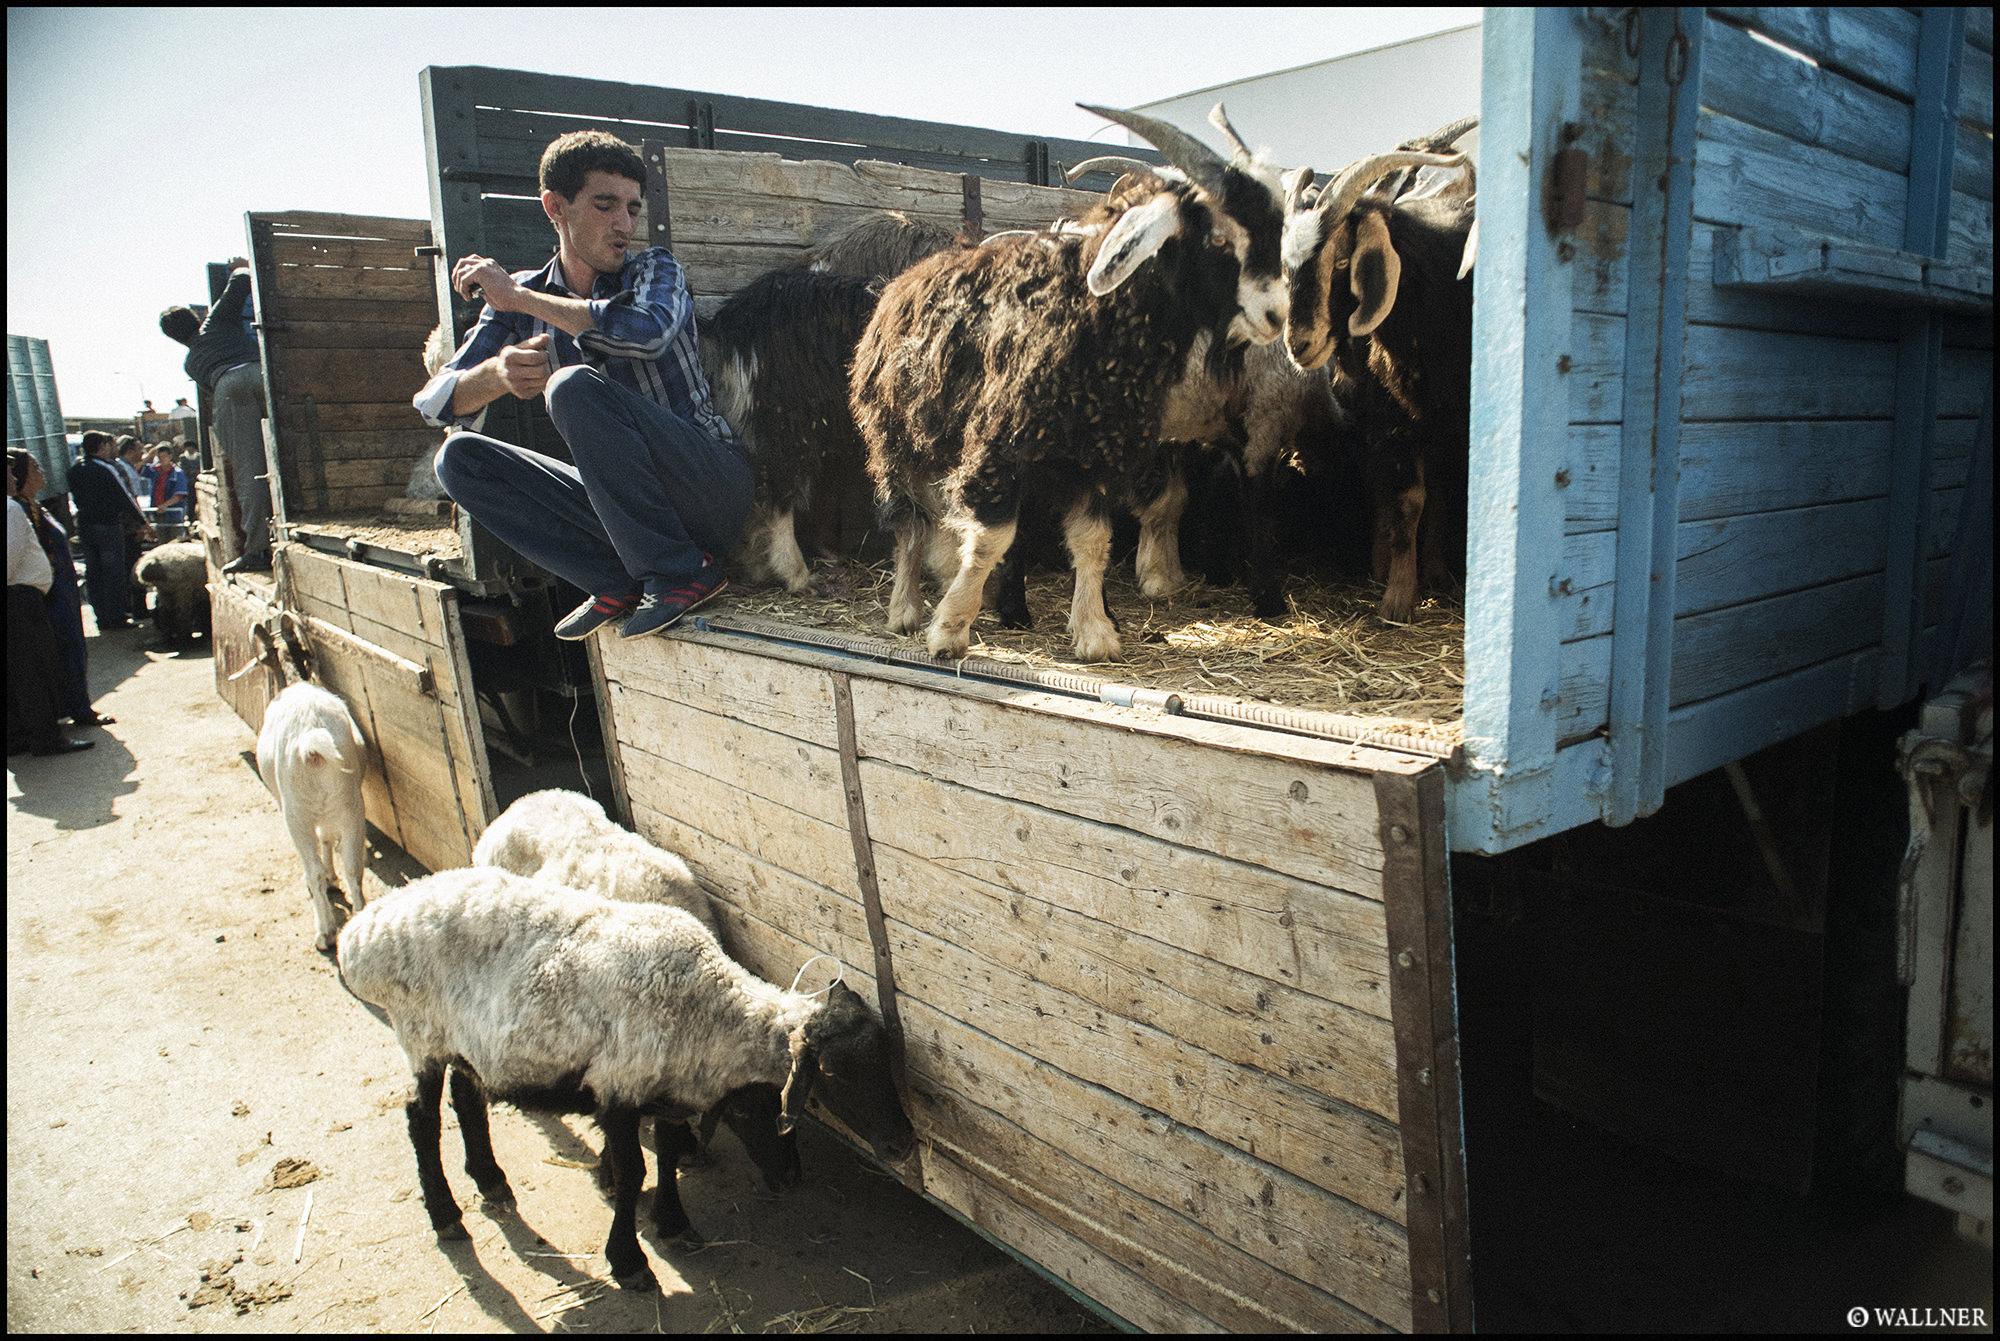 Digital Patrik Wallner Ashgabat Goats For Sale LOWQ 2000P